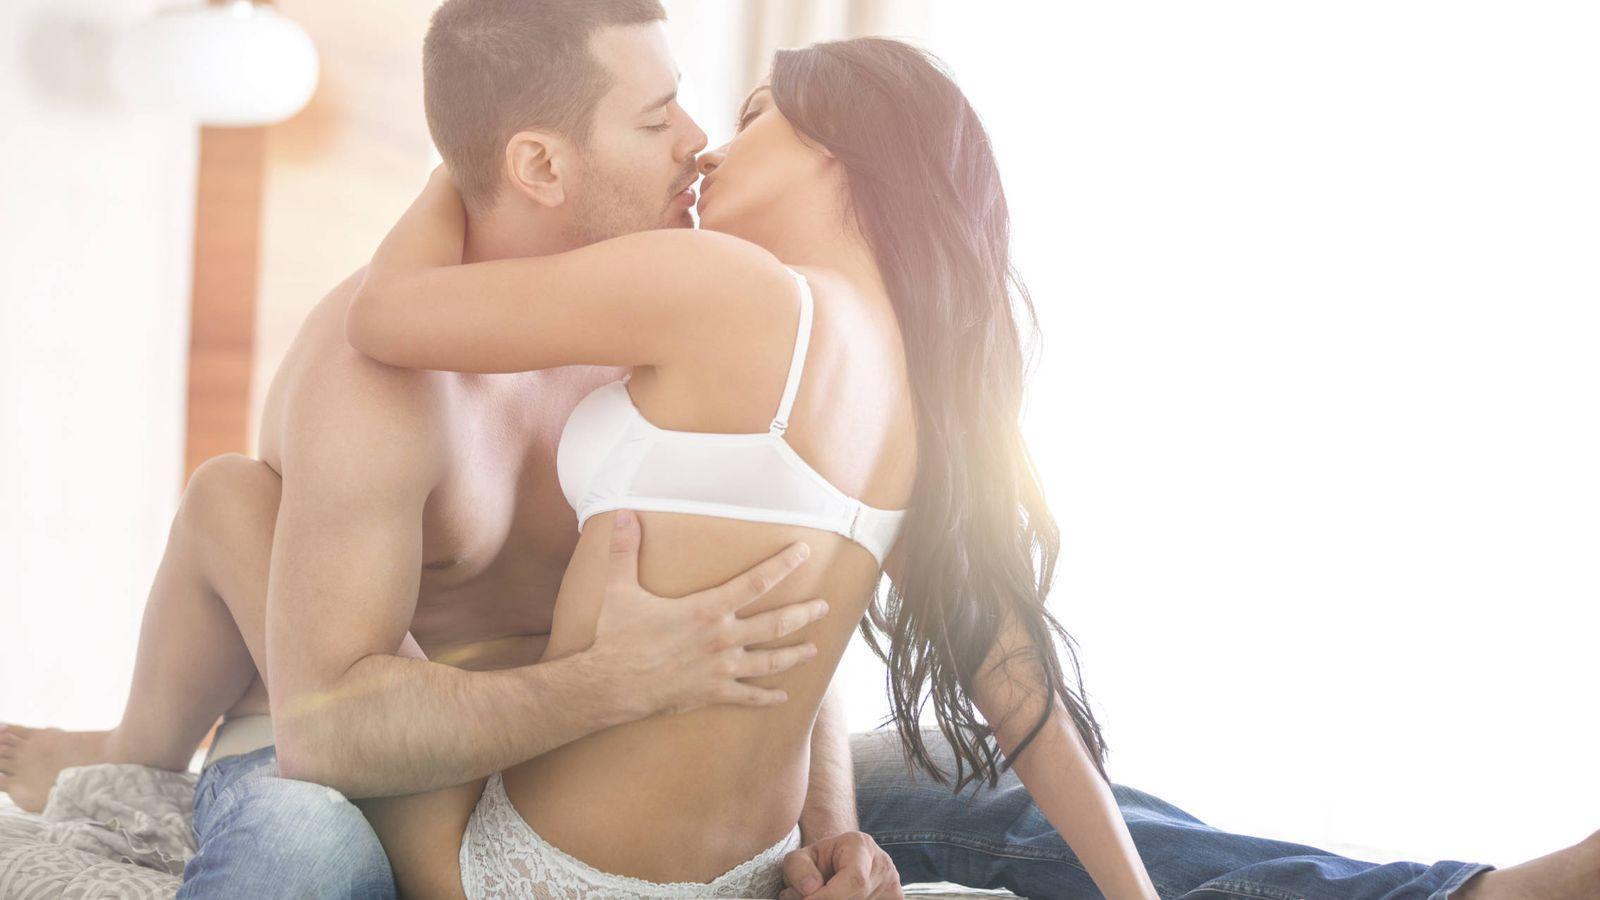 Como hacer sexo oral — pic 12